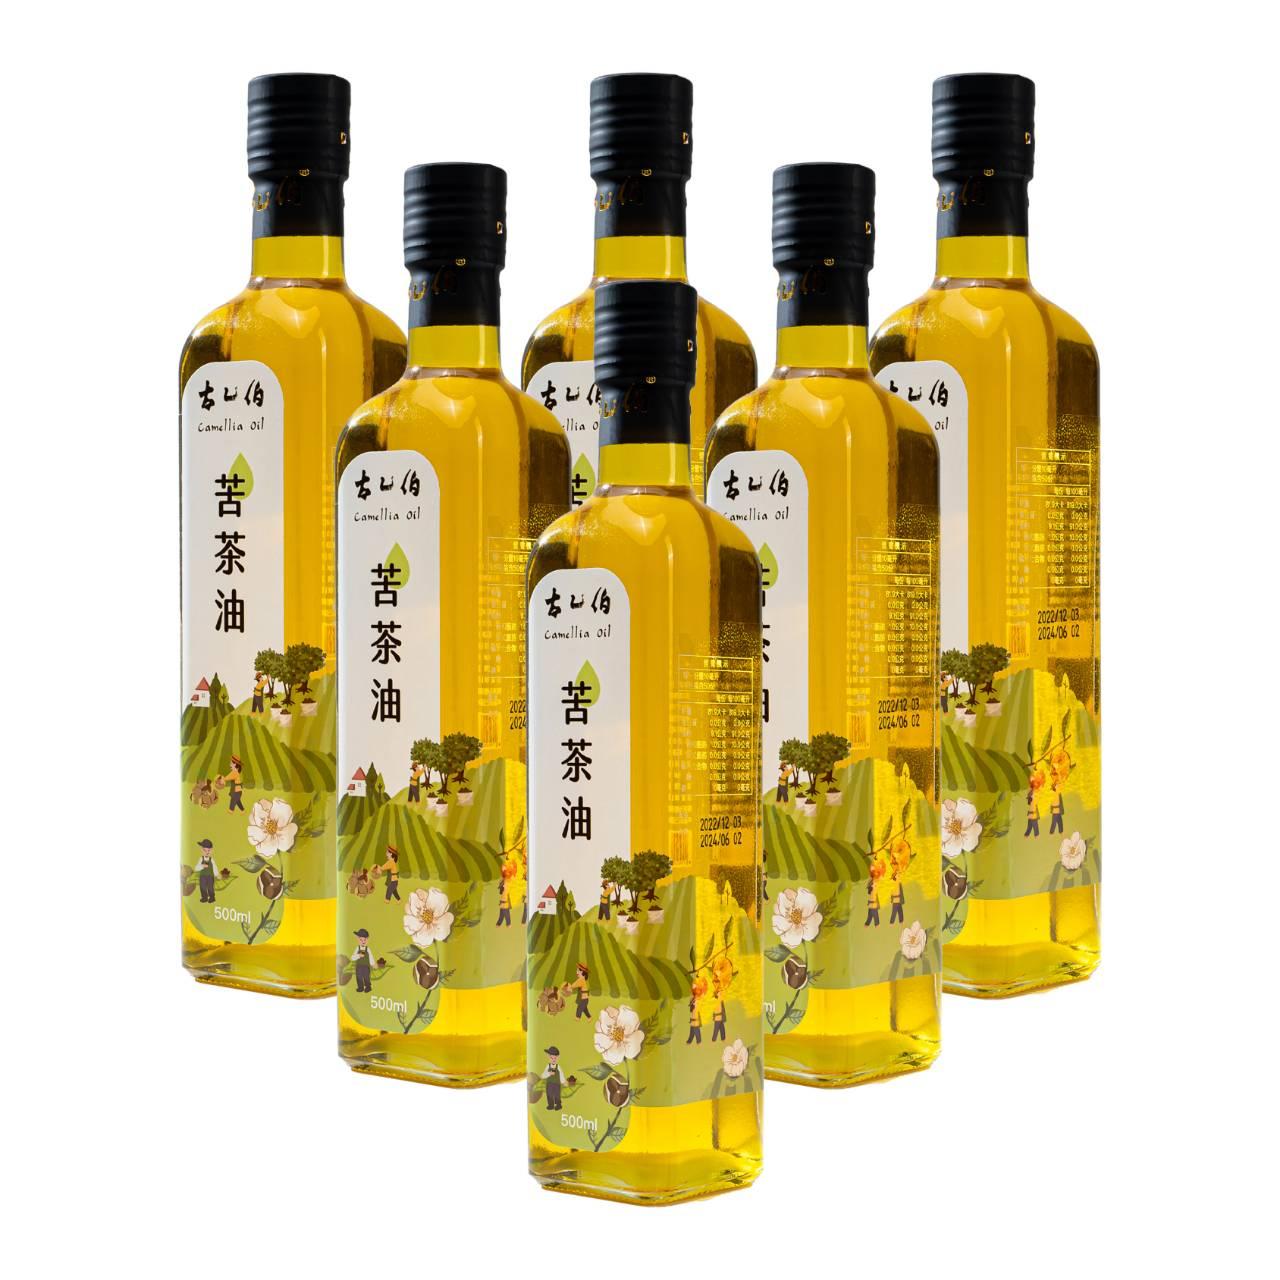 《古乙伯》苦茶油 (500ml /6瓶)